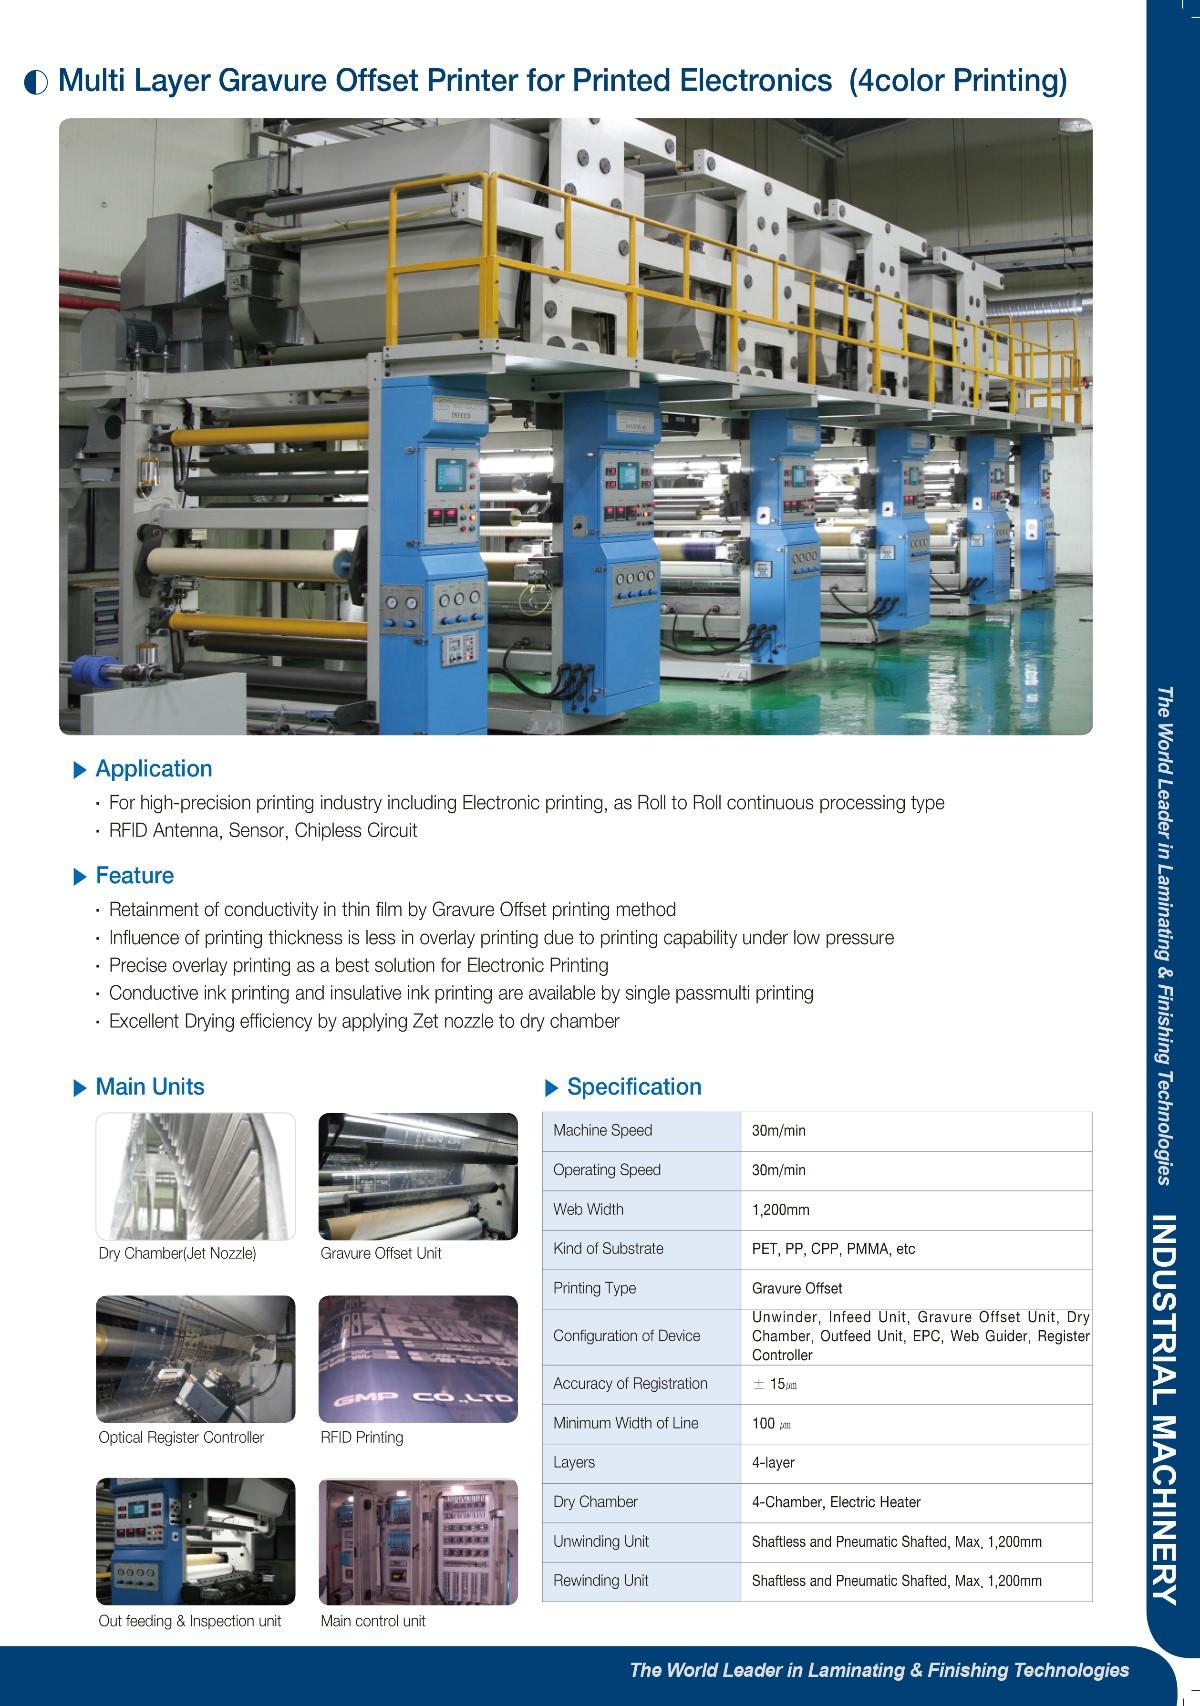 Industrial_machinery-3.jpg